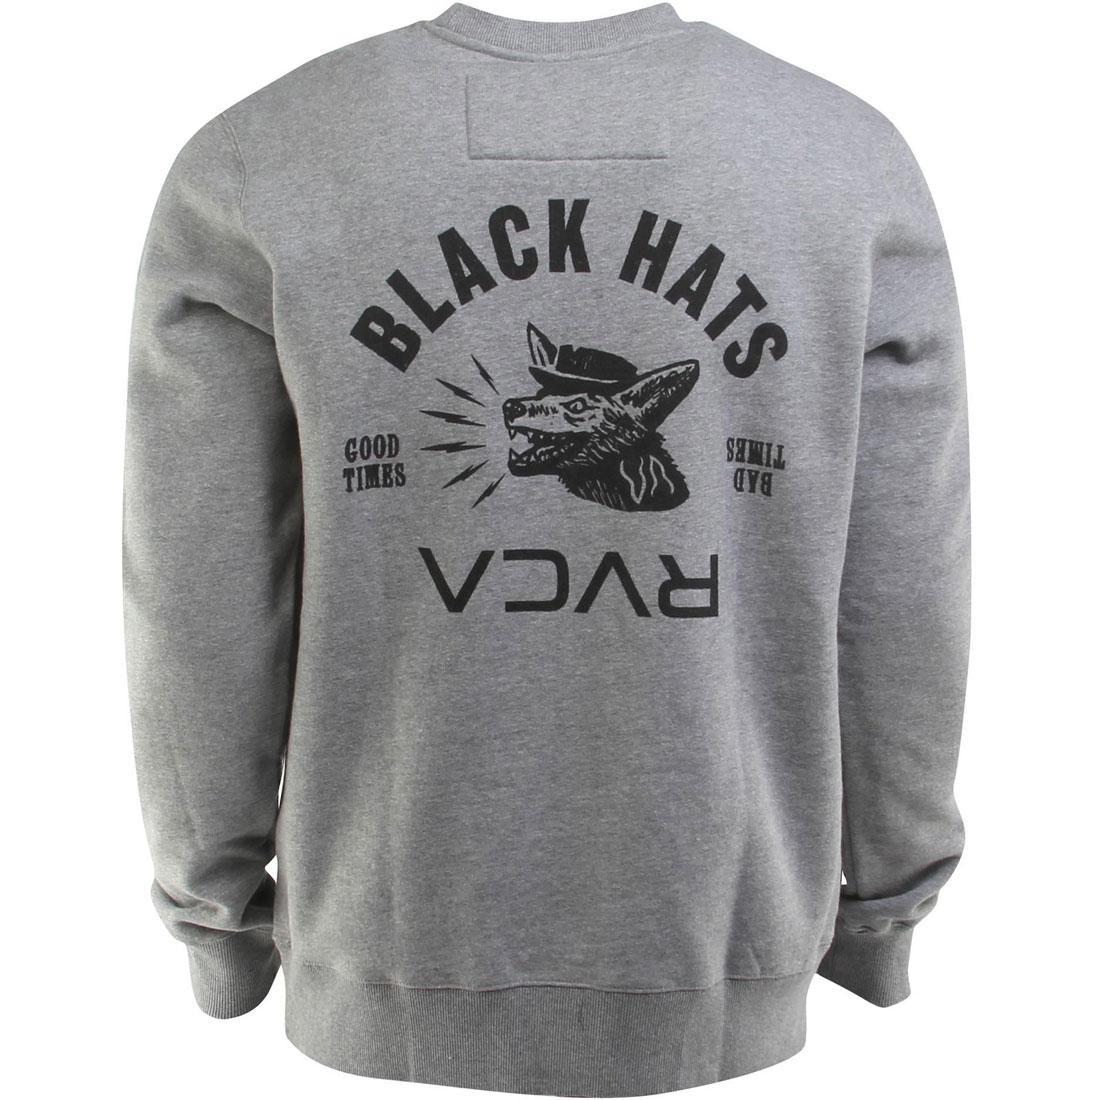 RVCA 黒 ブラック メンズファッション トップス Tシャツ カットソー メンズ 【 Black Hats Crewneck (gray / Athletic Heather) 】 Gray / Athletic Heather